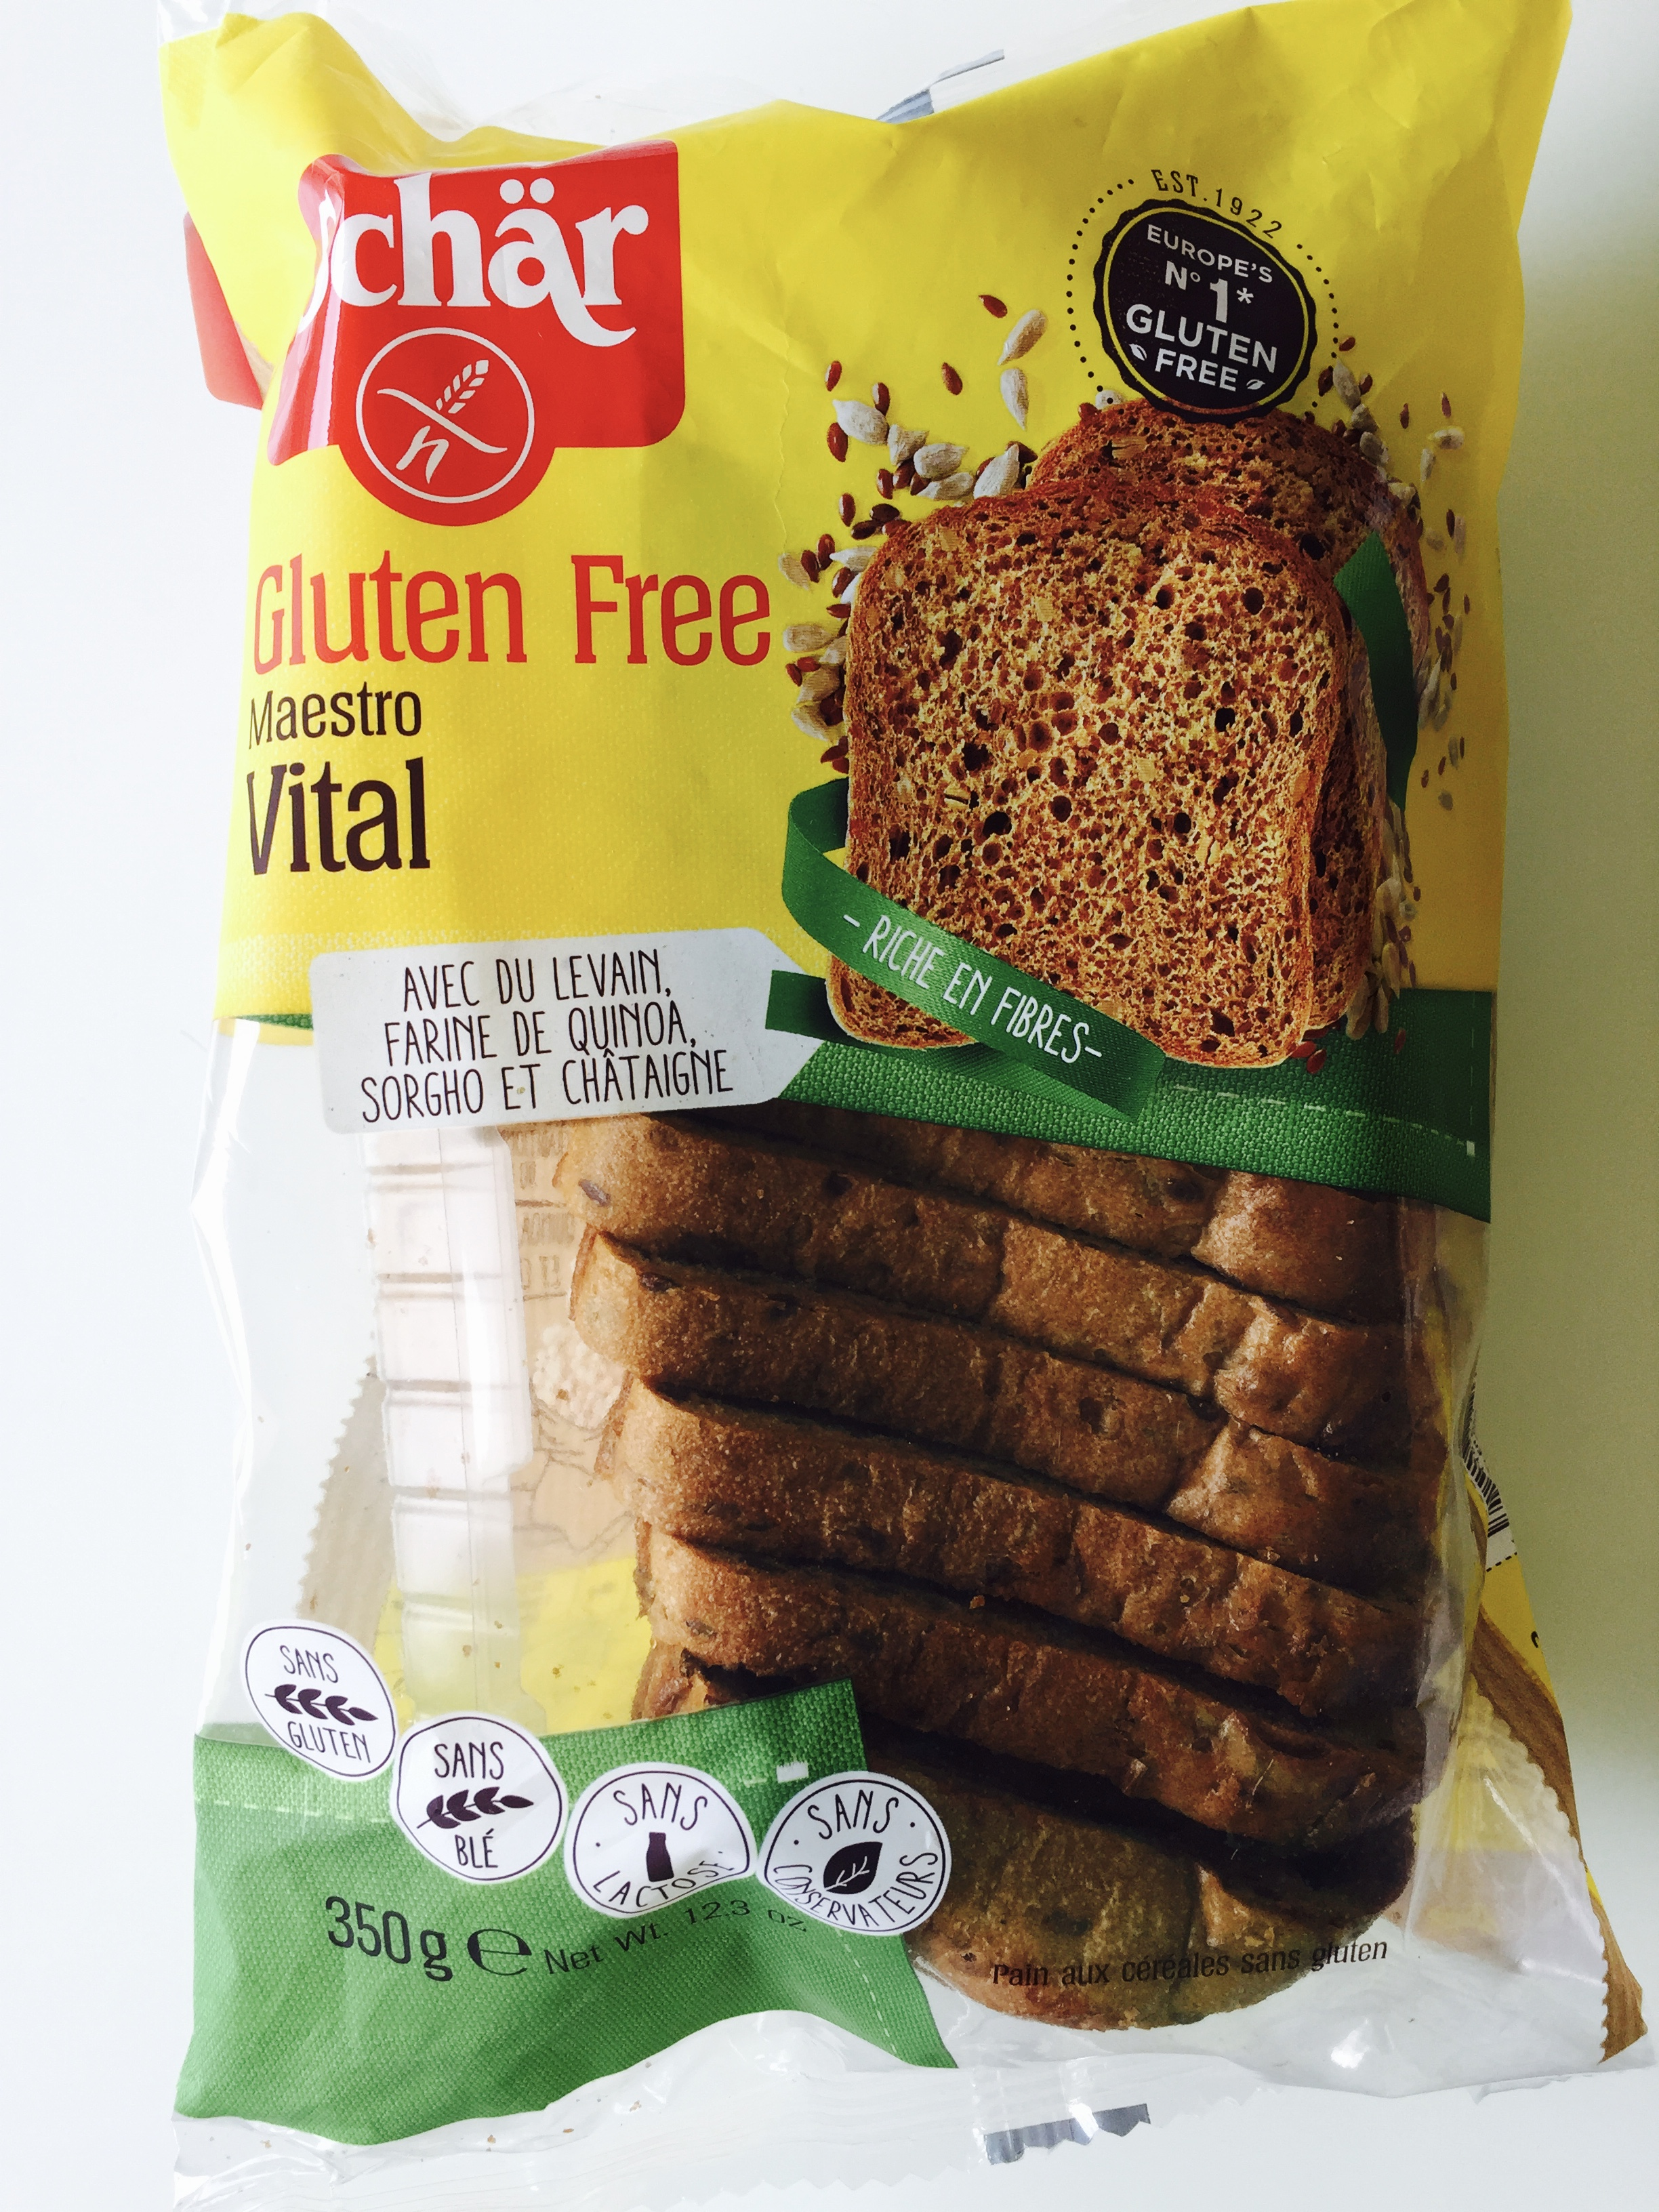 http://www.assorti.lt/meistru-kepeju-duona-vital-schar-350g